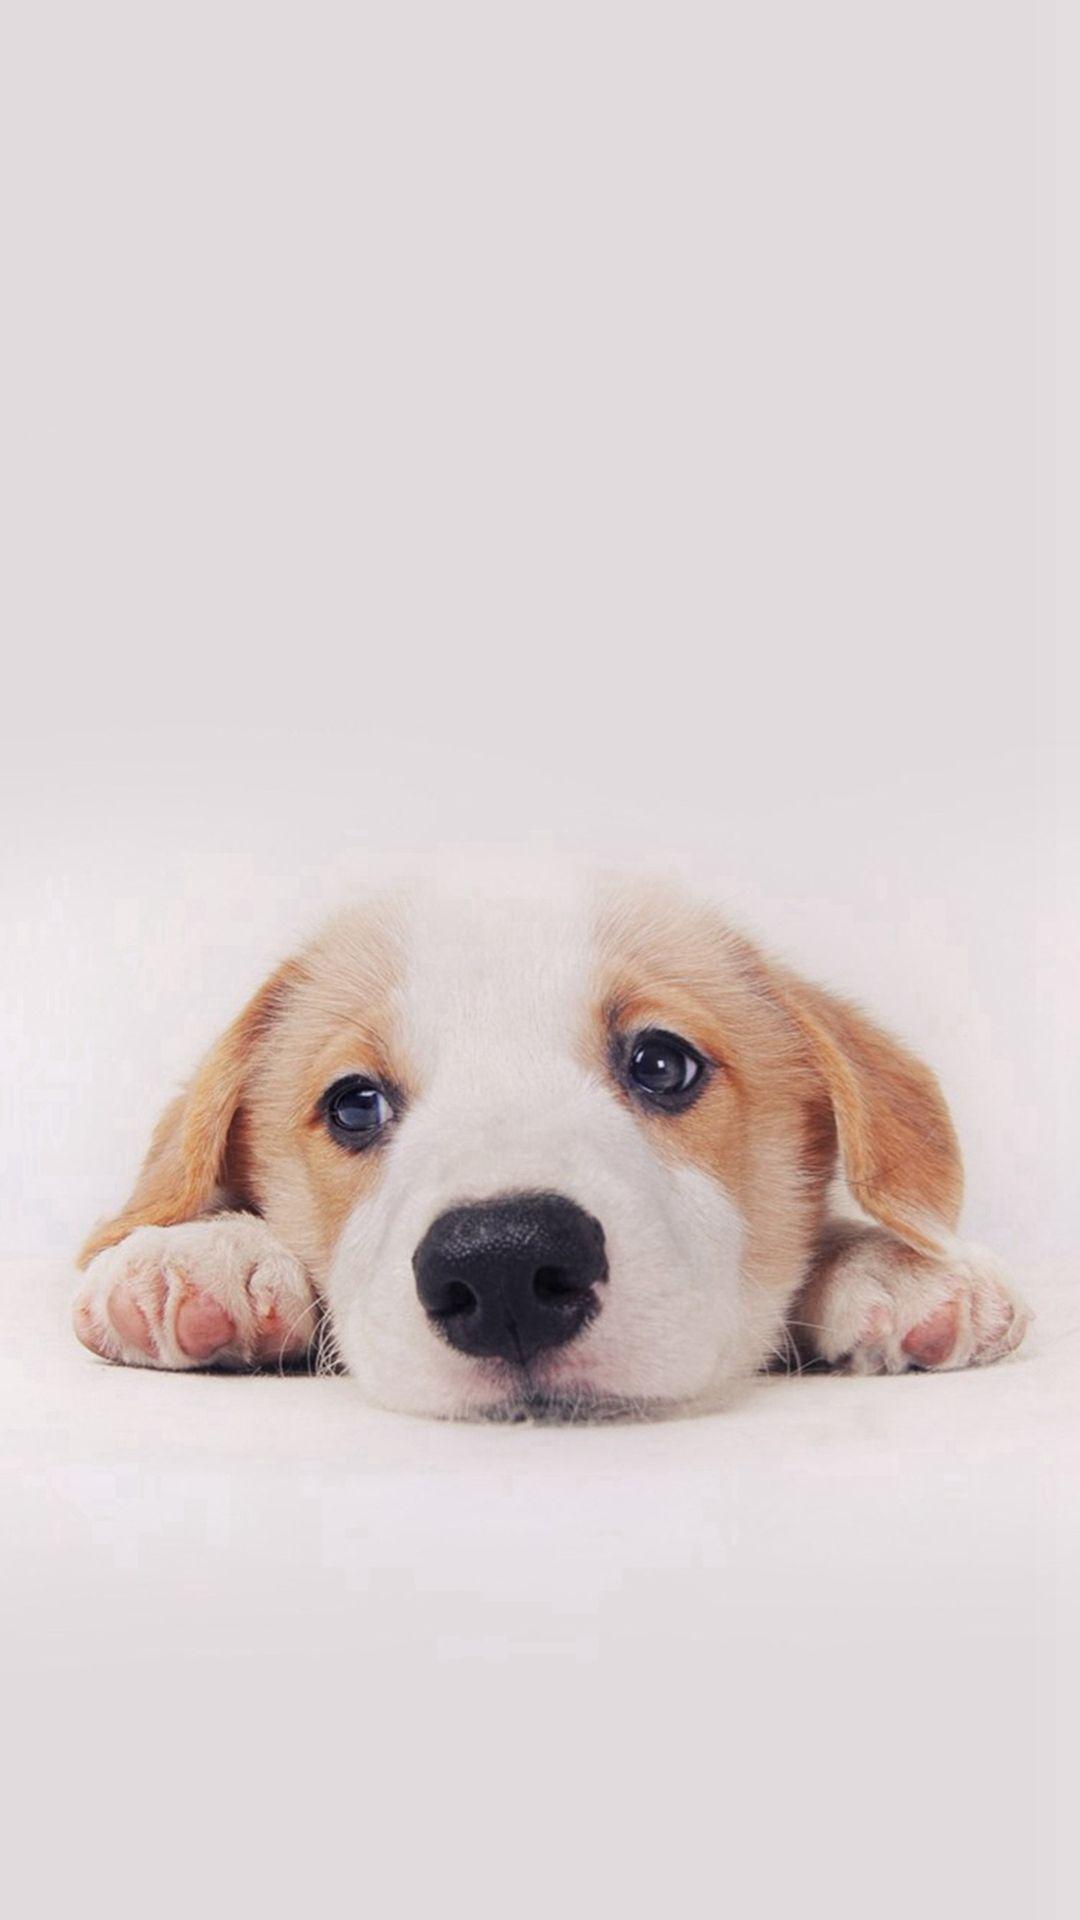 Shenok Oboi Na Smartfon Cute Dog Wallpaper Dog Background Dog Wallpaper